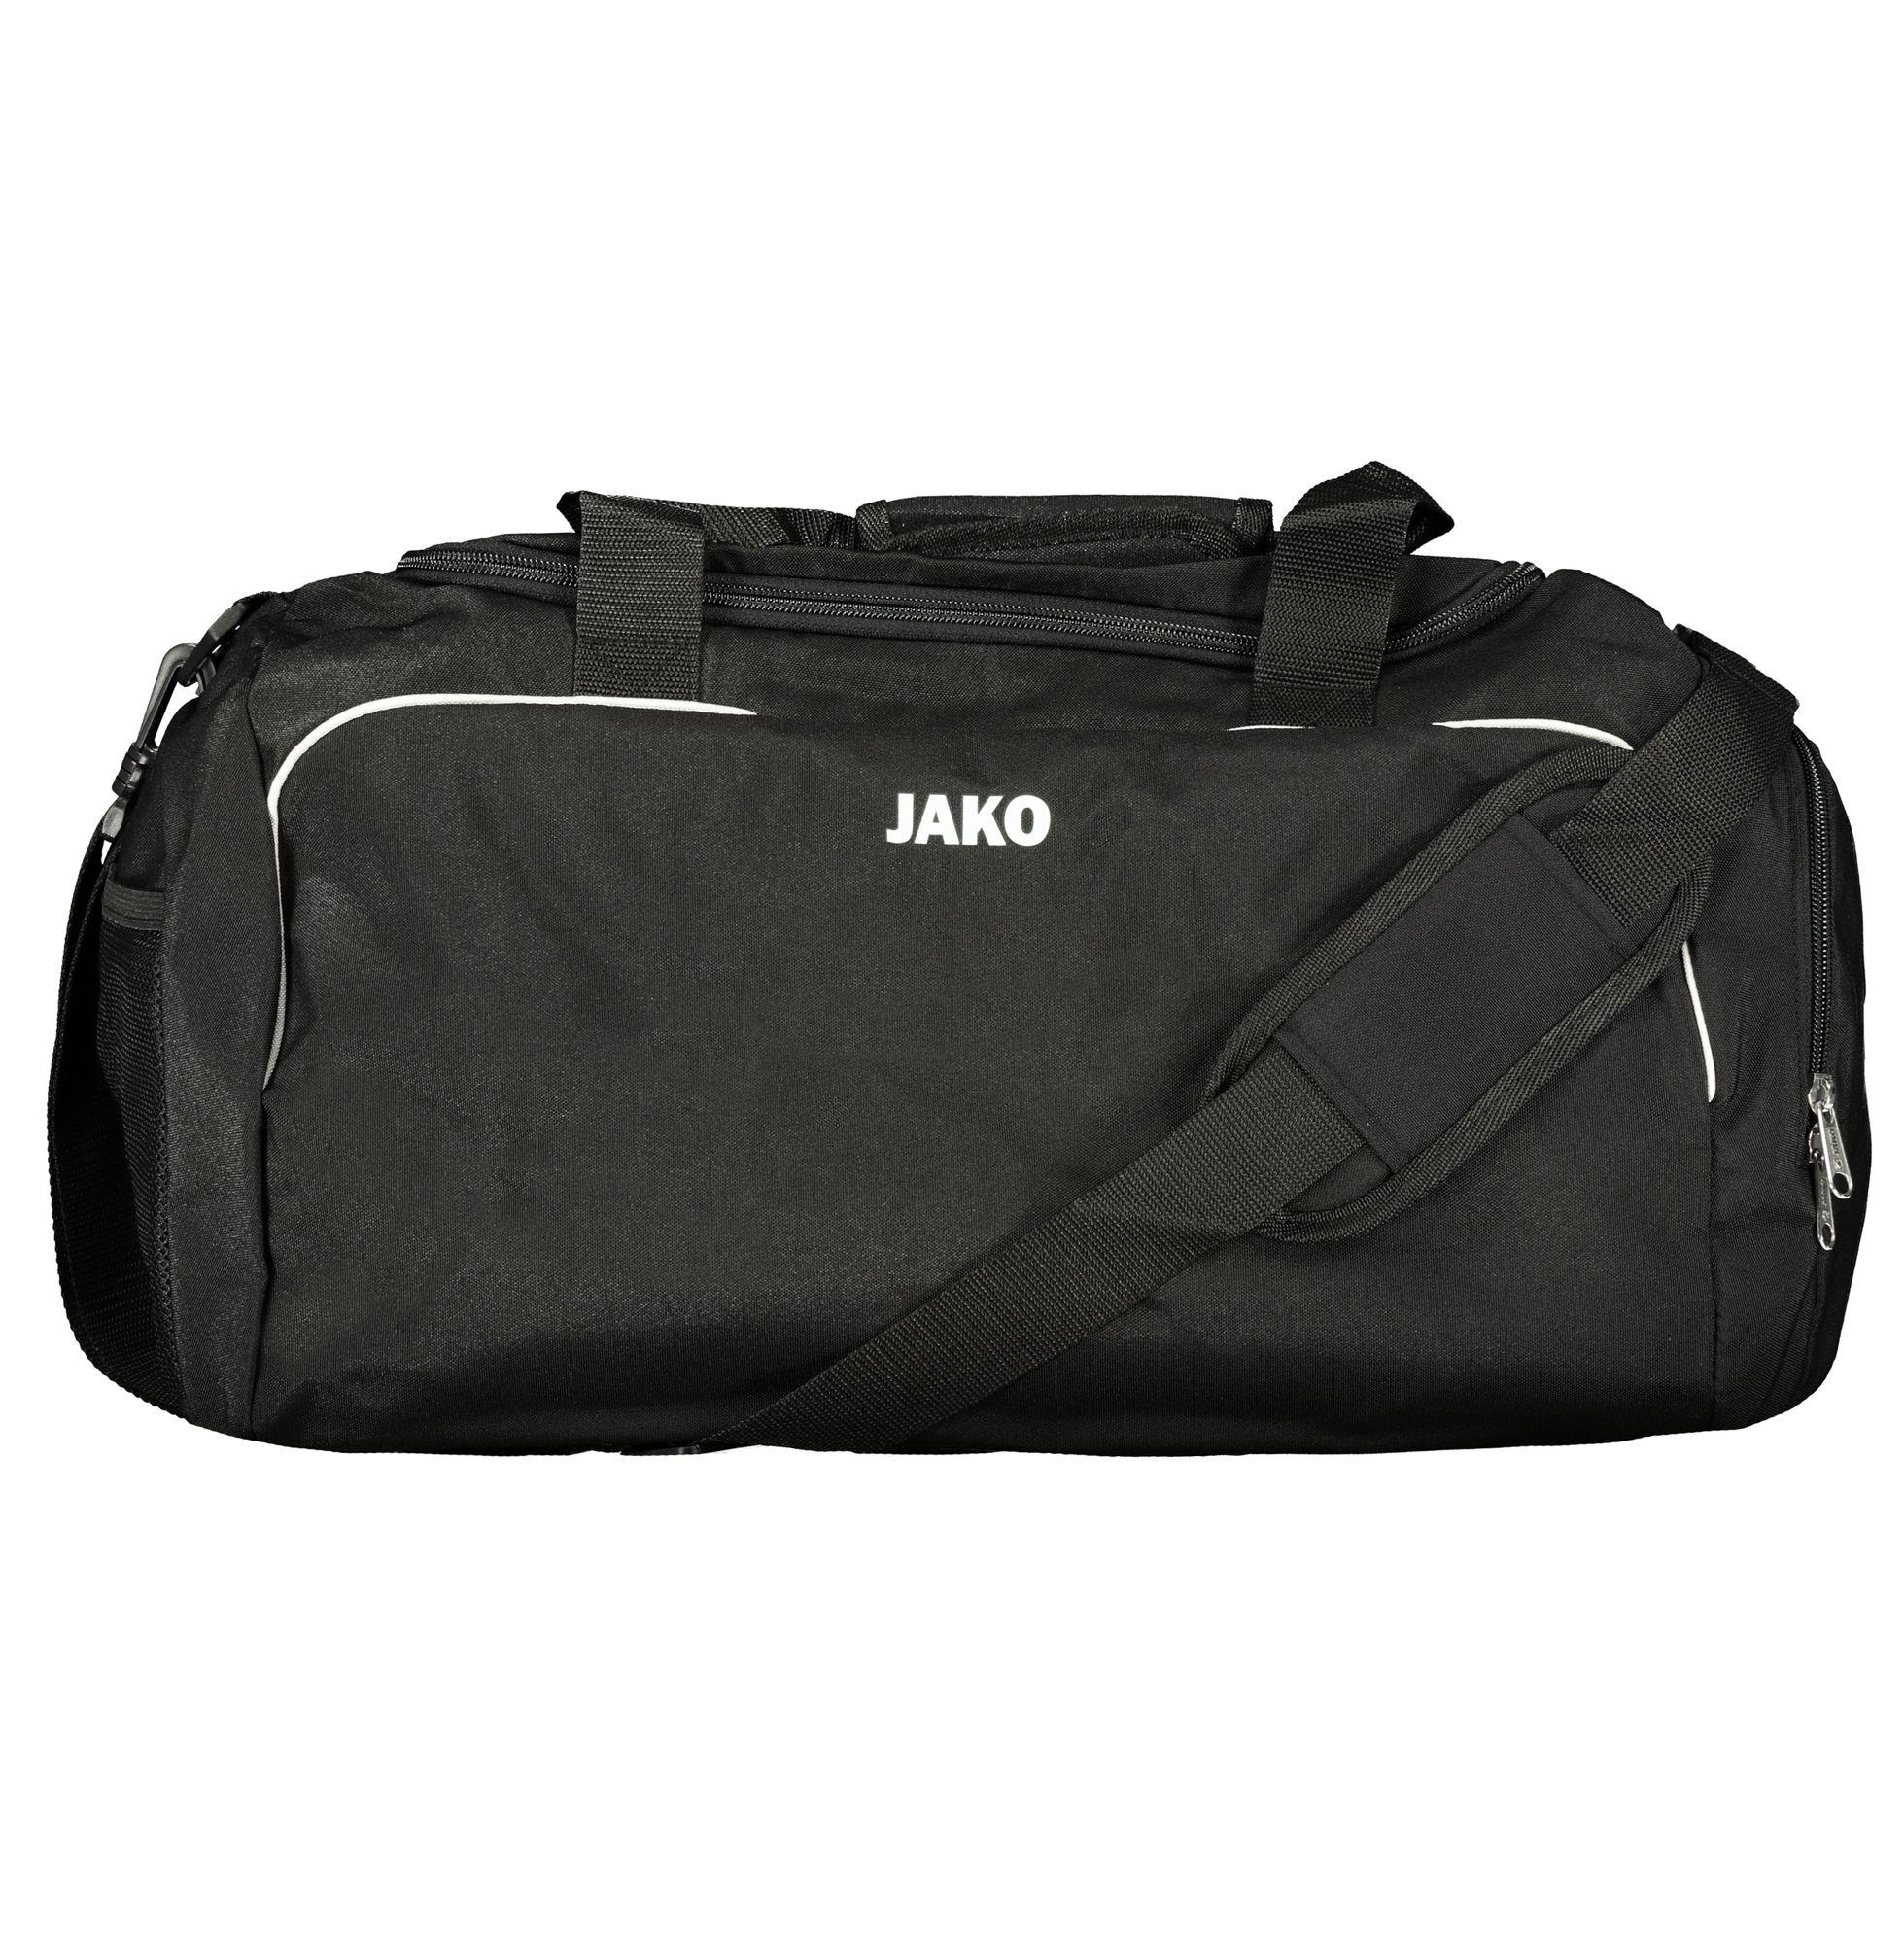 Jako Sporttasche Classico schwarz Reisetasche Tasche Sport Bag Sporttasche